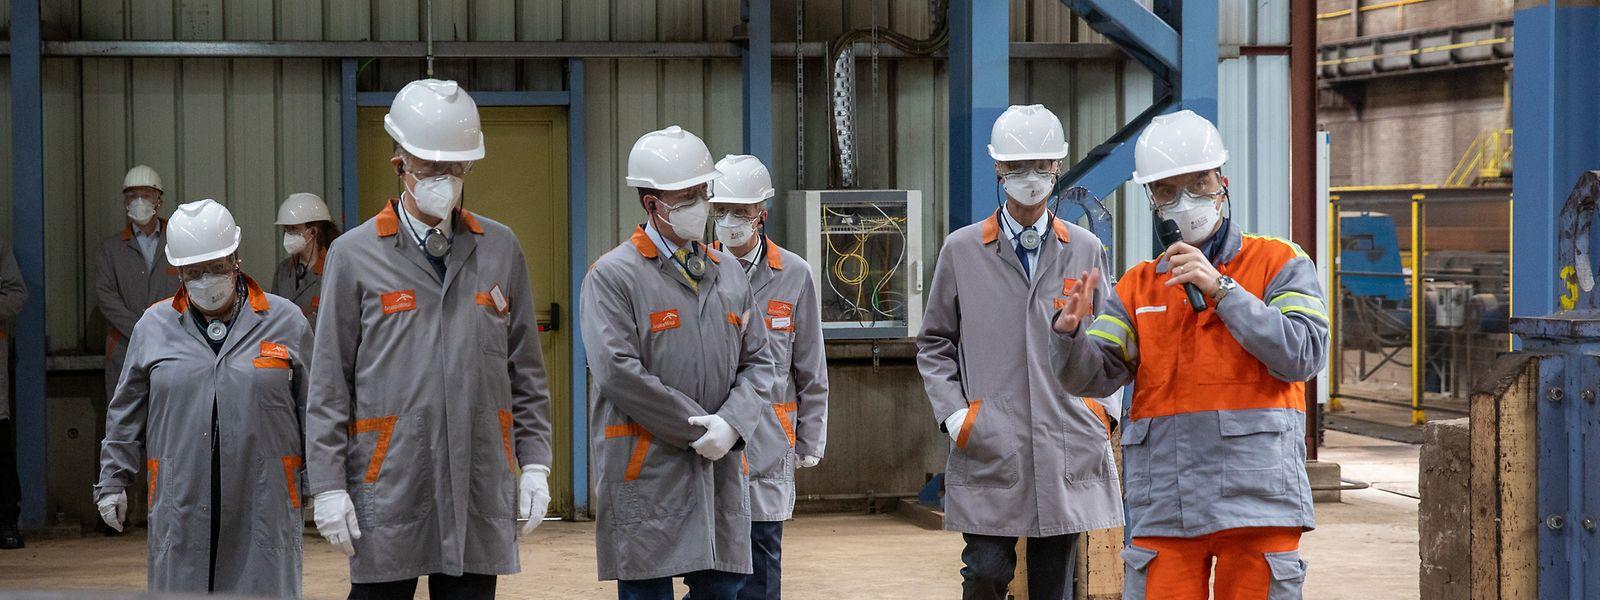 Derrières les masques et sous les casques, le Grand-Duc héritier, le ministre de l'Economie et la bourgmestre de Differdange ont pu visiter l'usine sidérurgique de Differdange, jeudi, en compagnie des dirigeants d'ArcelorMittal.